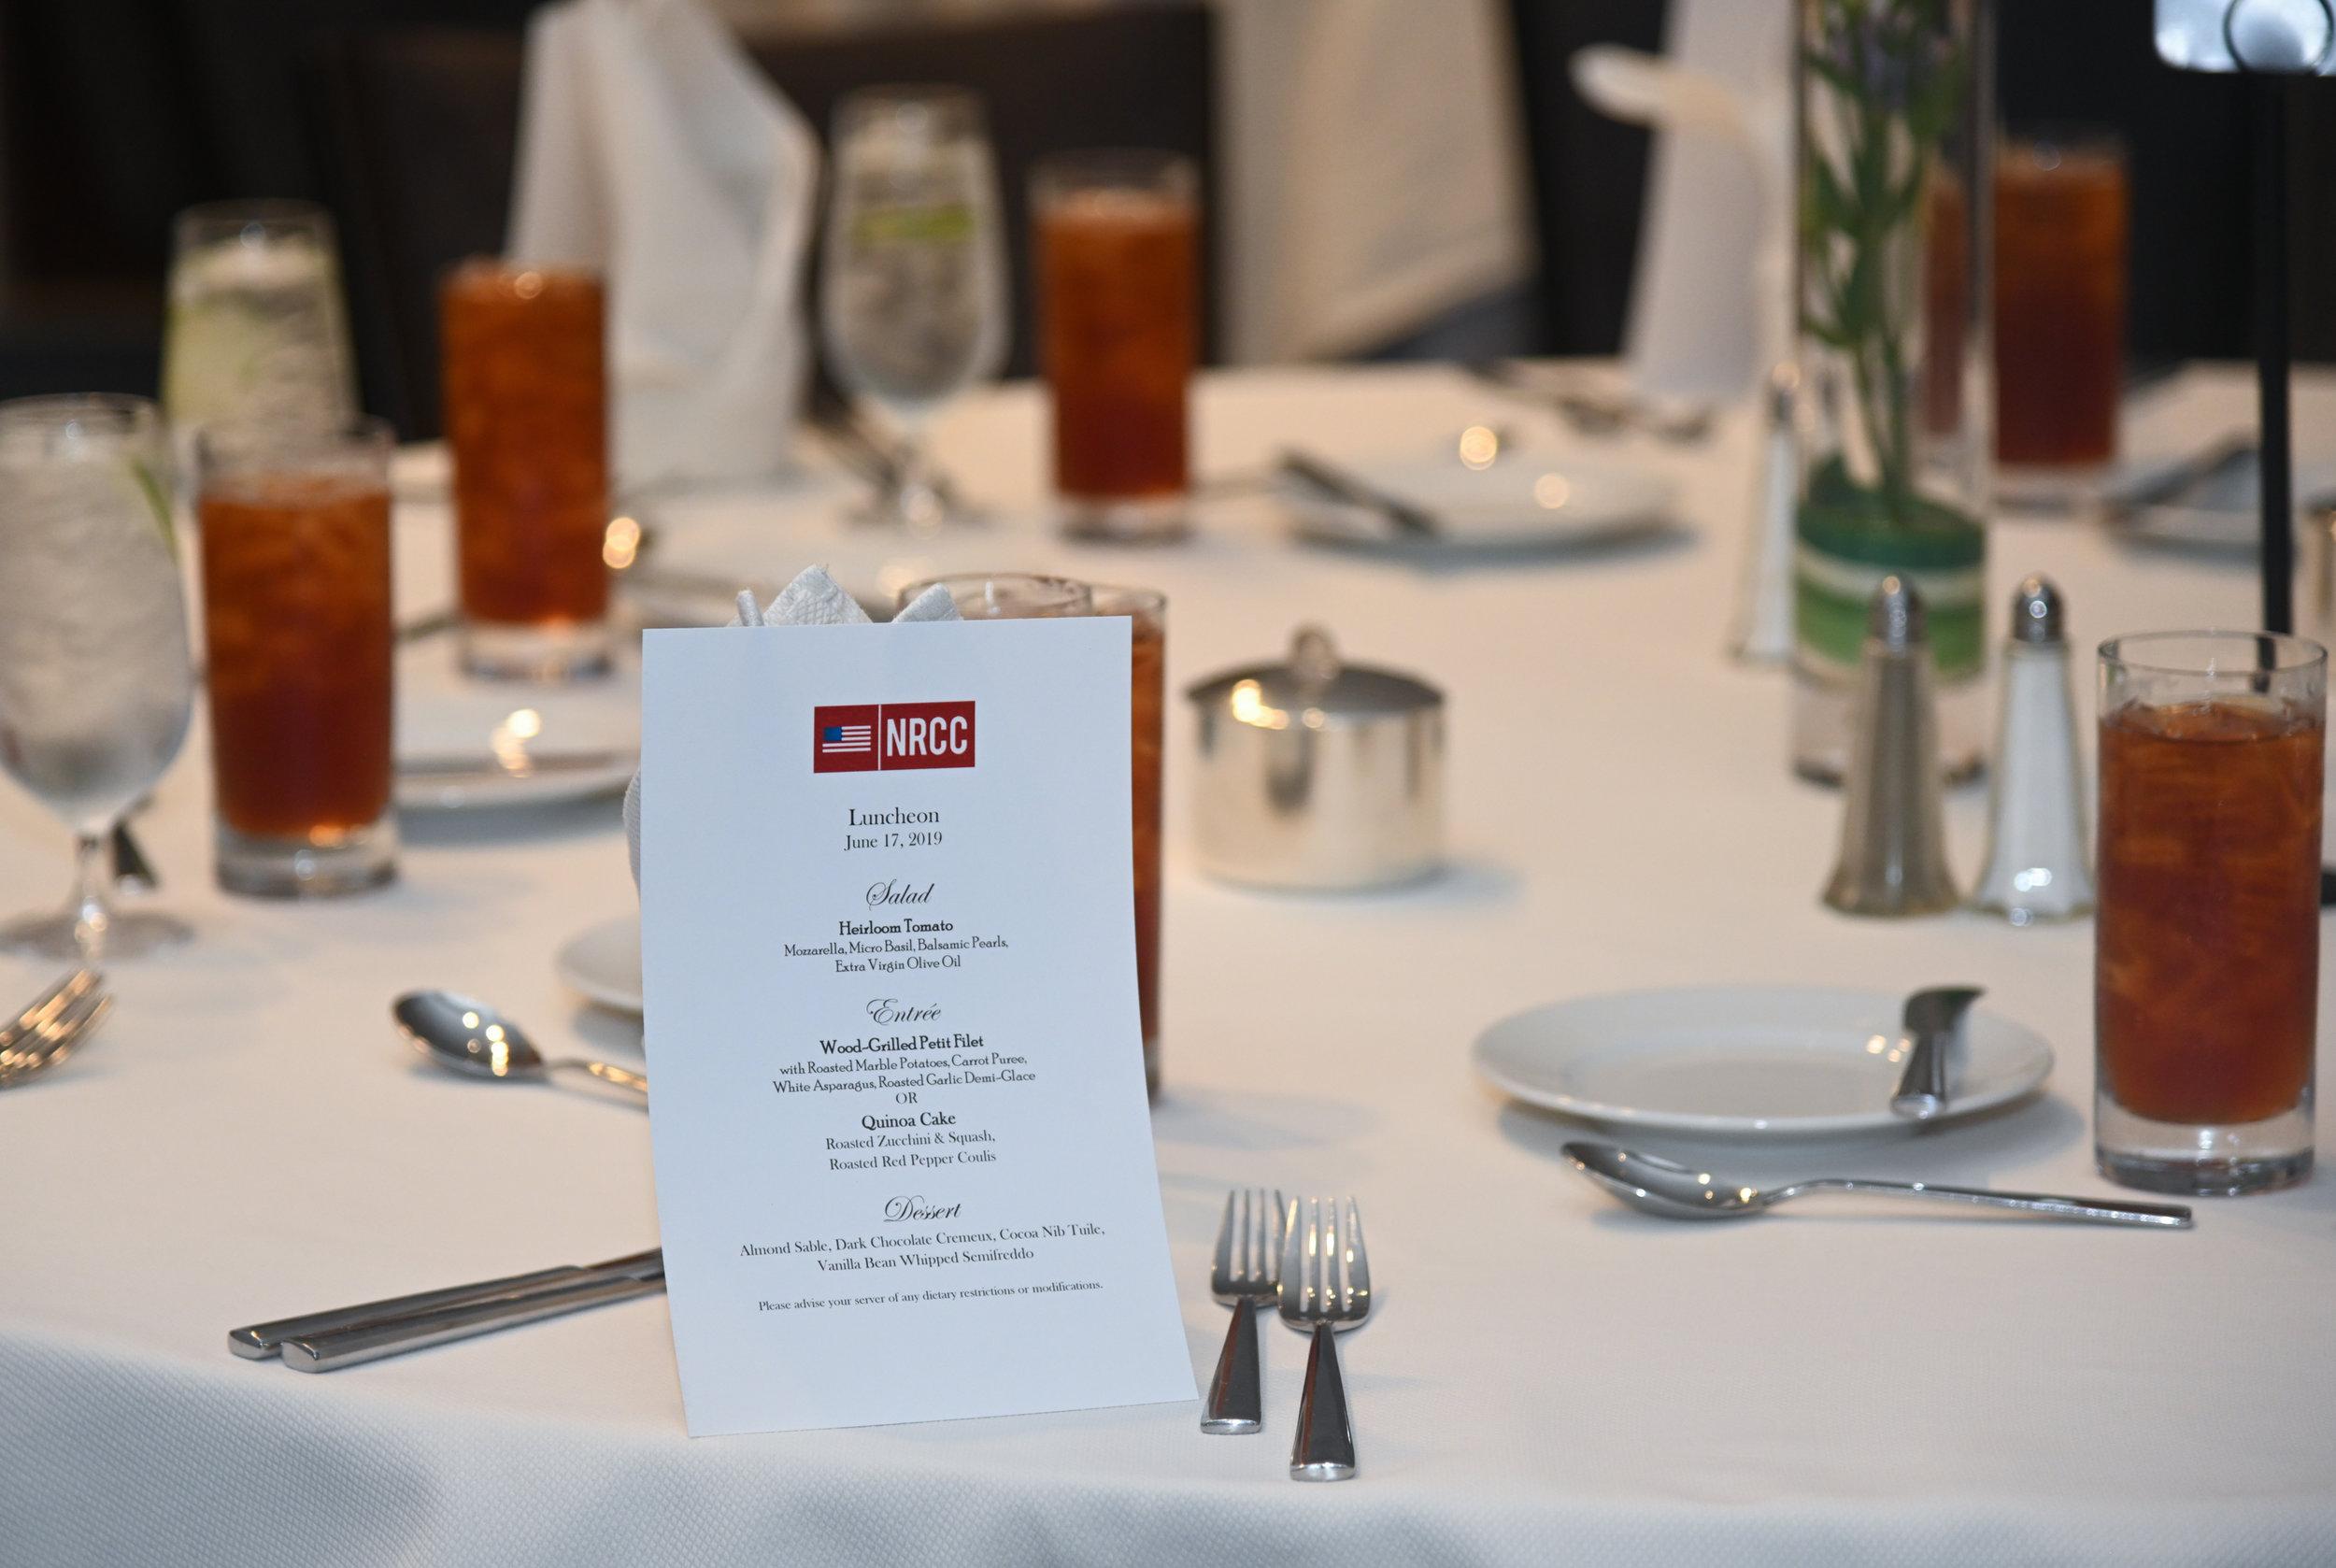 NRCC luncheon at the Ritz Carlton in Dallas in 2019.